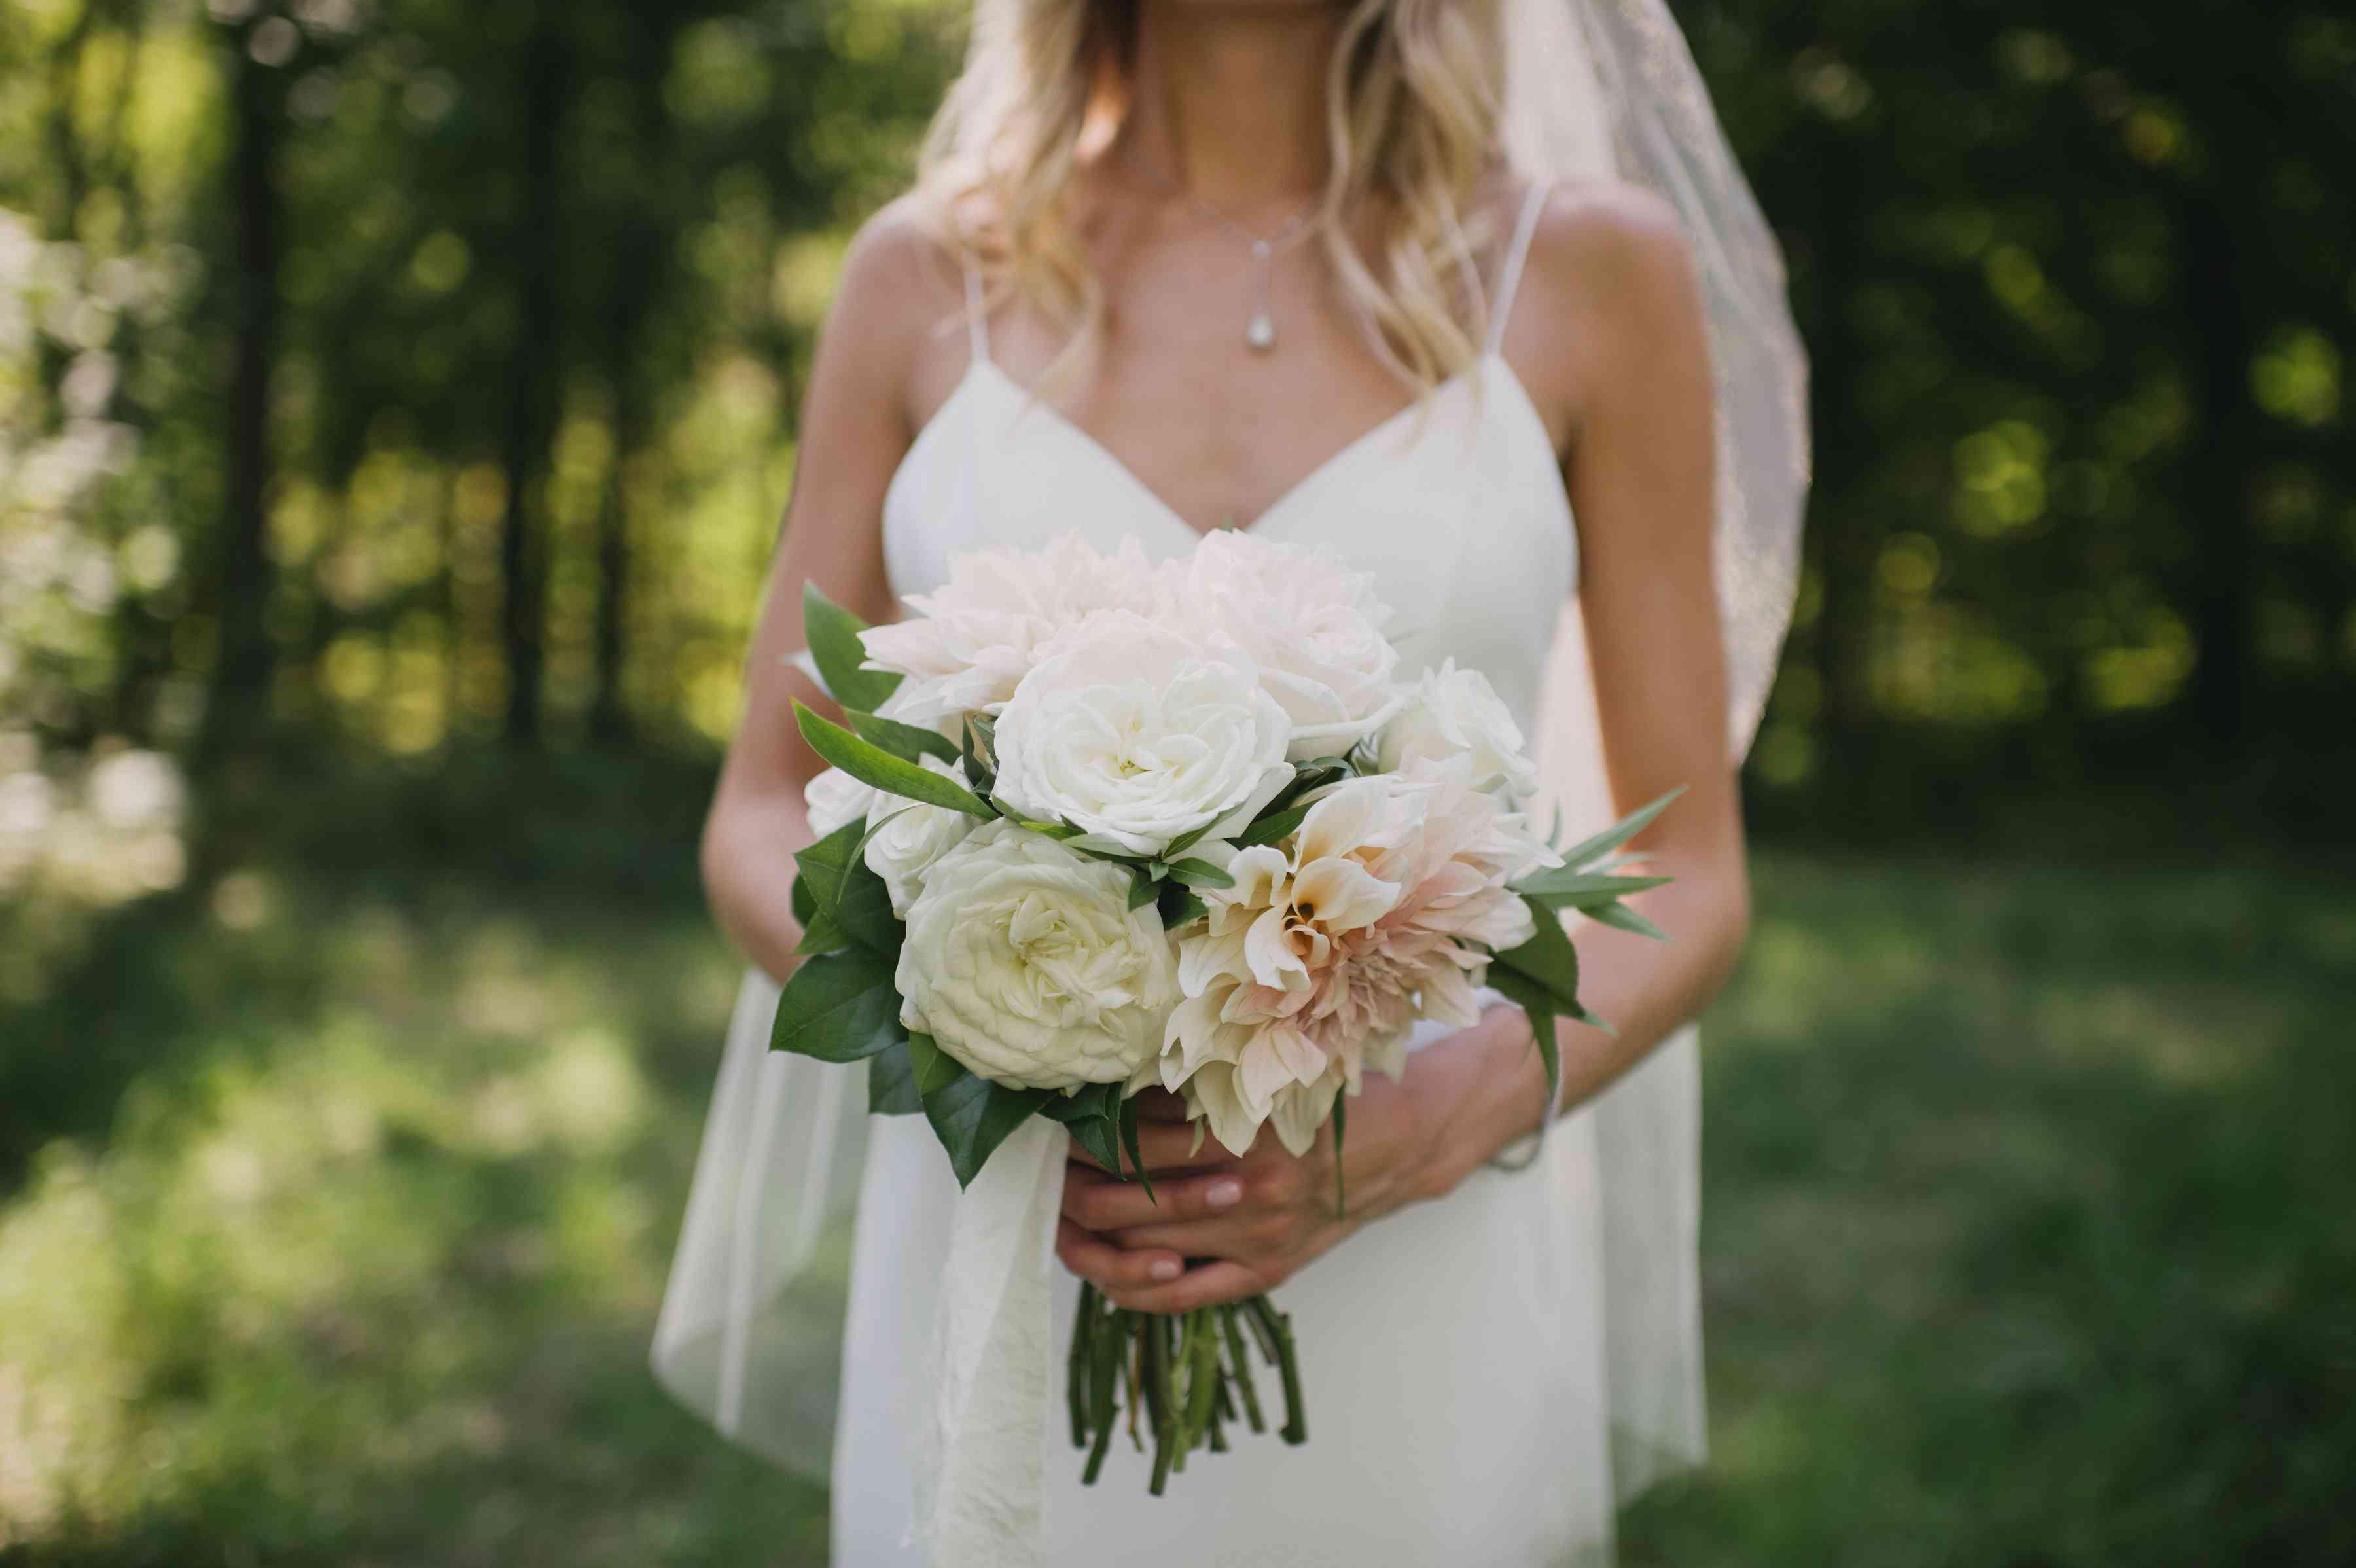 <p>simple white wedding bouquet</p><br><br>